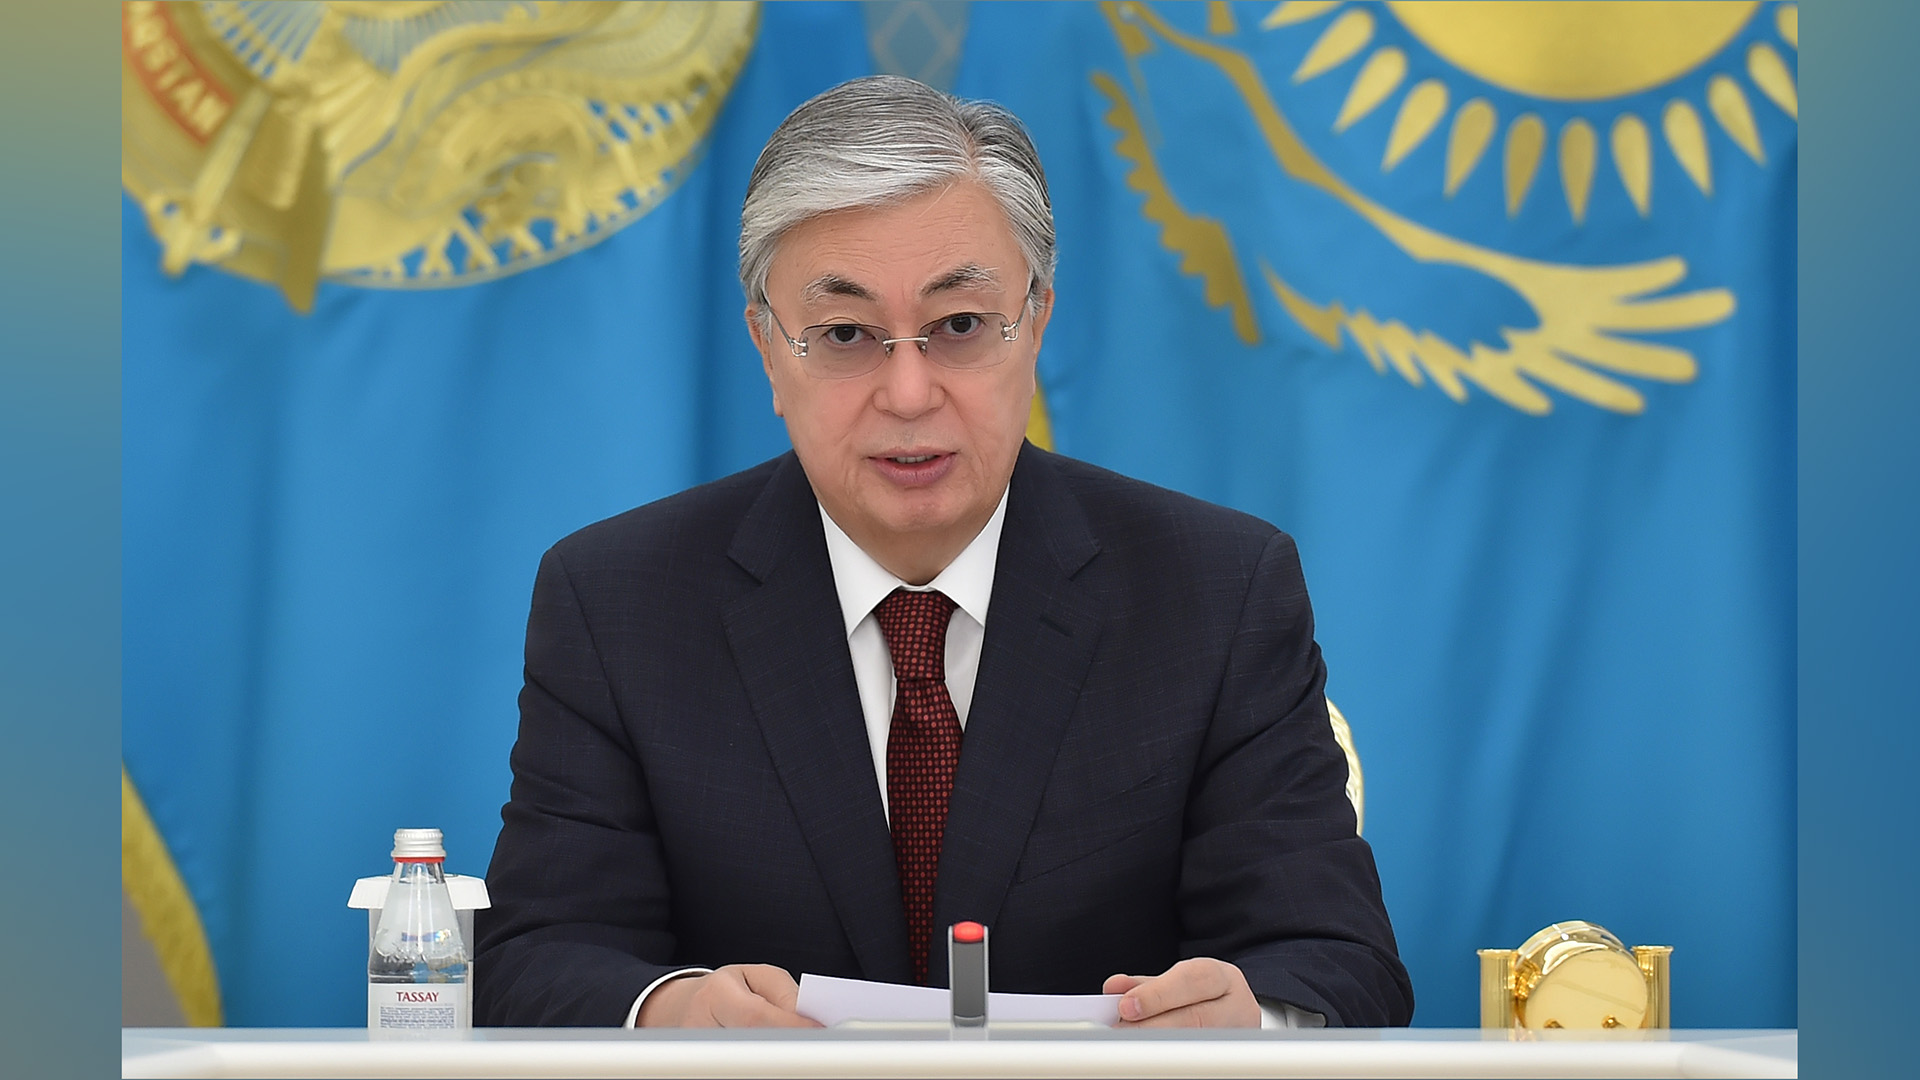 Обращение Президента РК Касым-Жомарта Токаева к главам государств-членов ЕАЭС